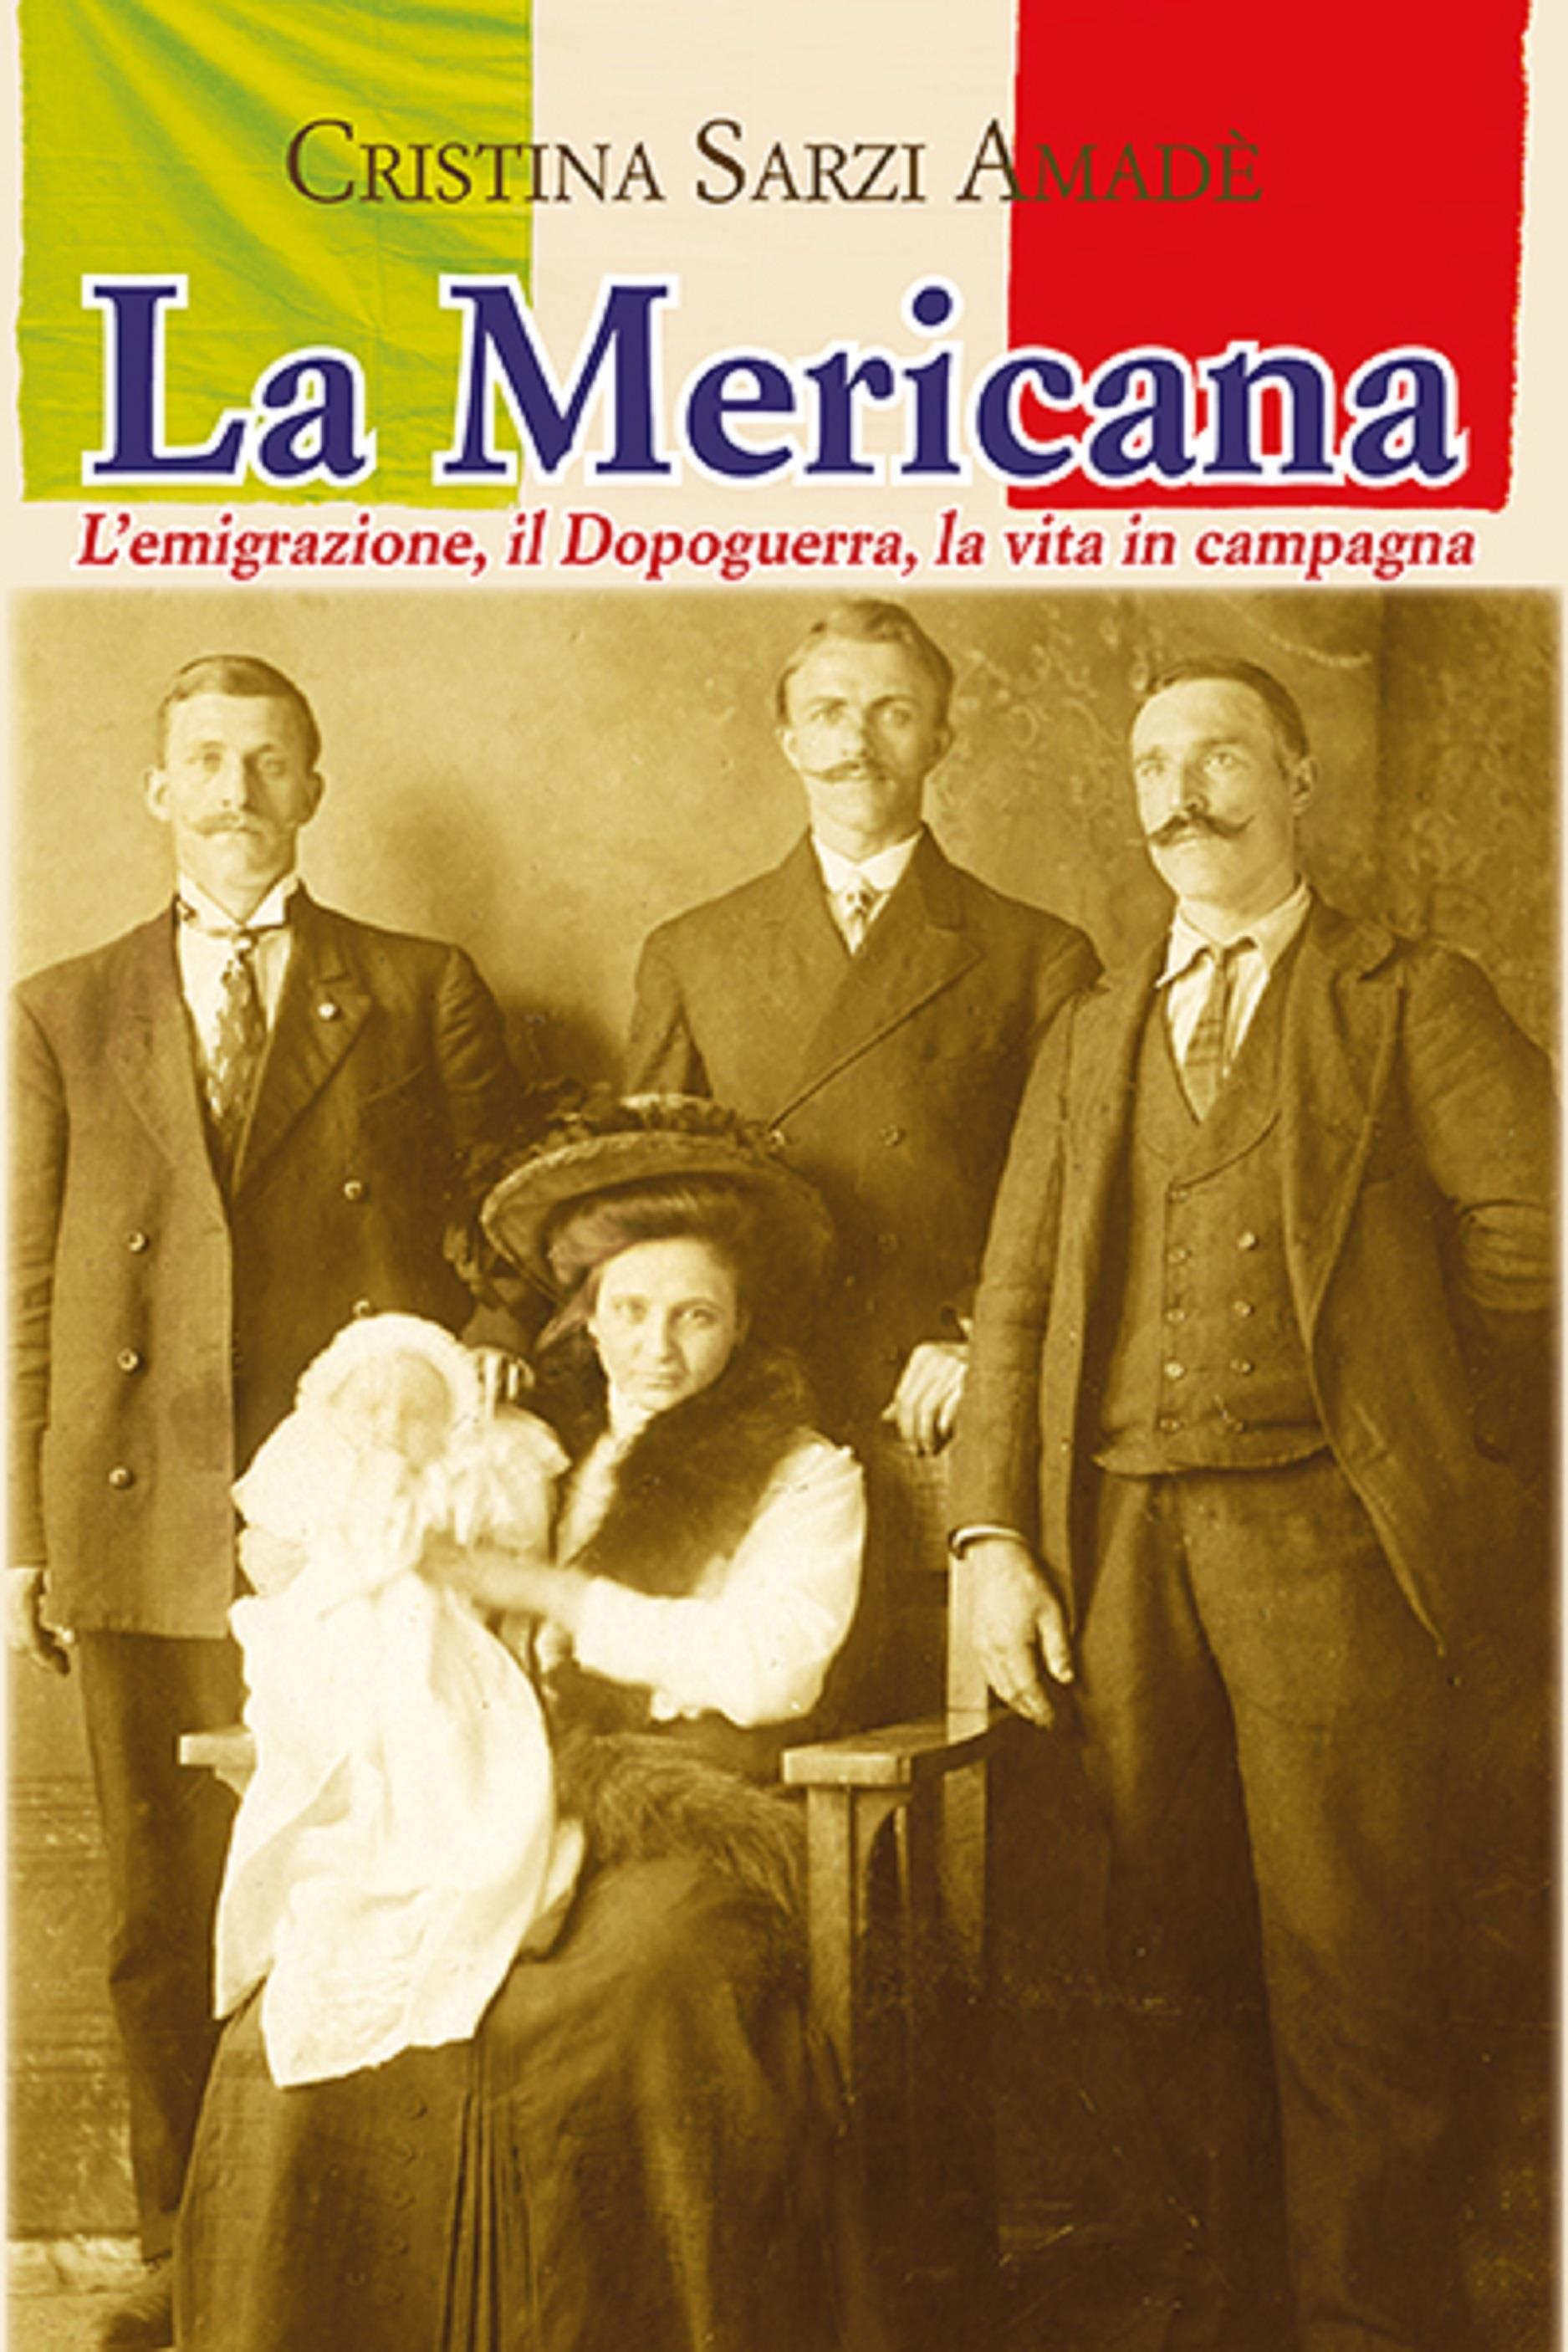 La Mericana. L'emigrazione, il Dopoguerra, la vita in campagna